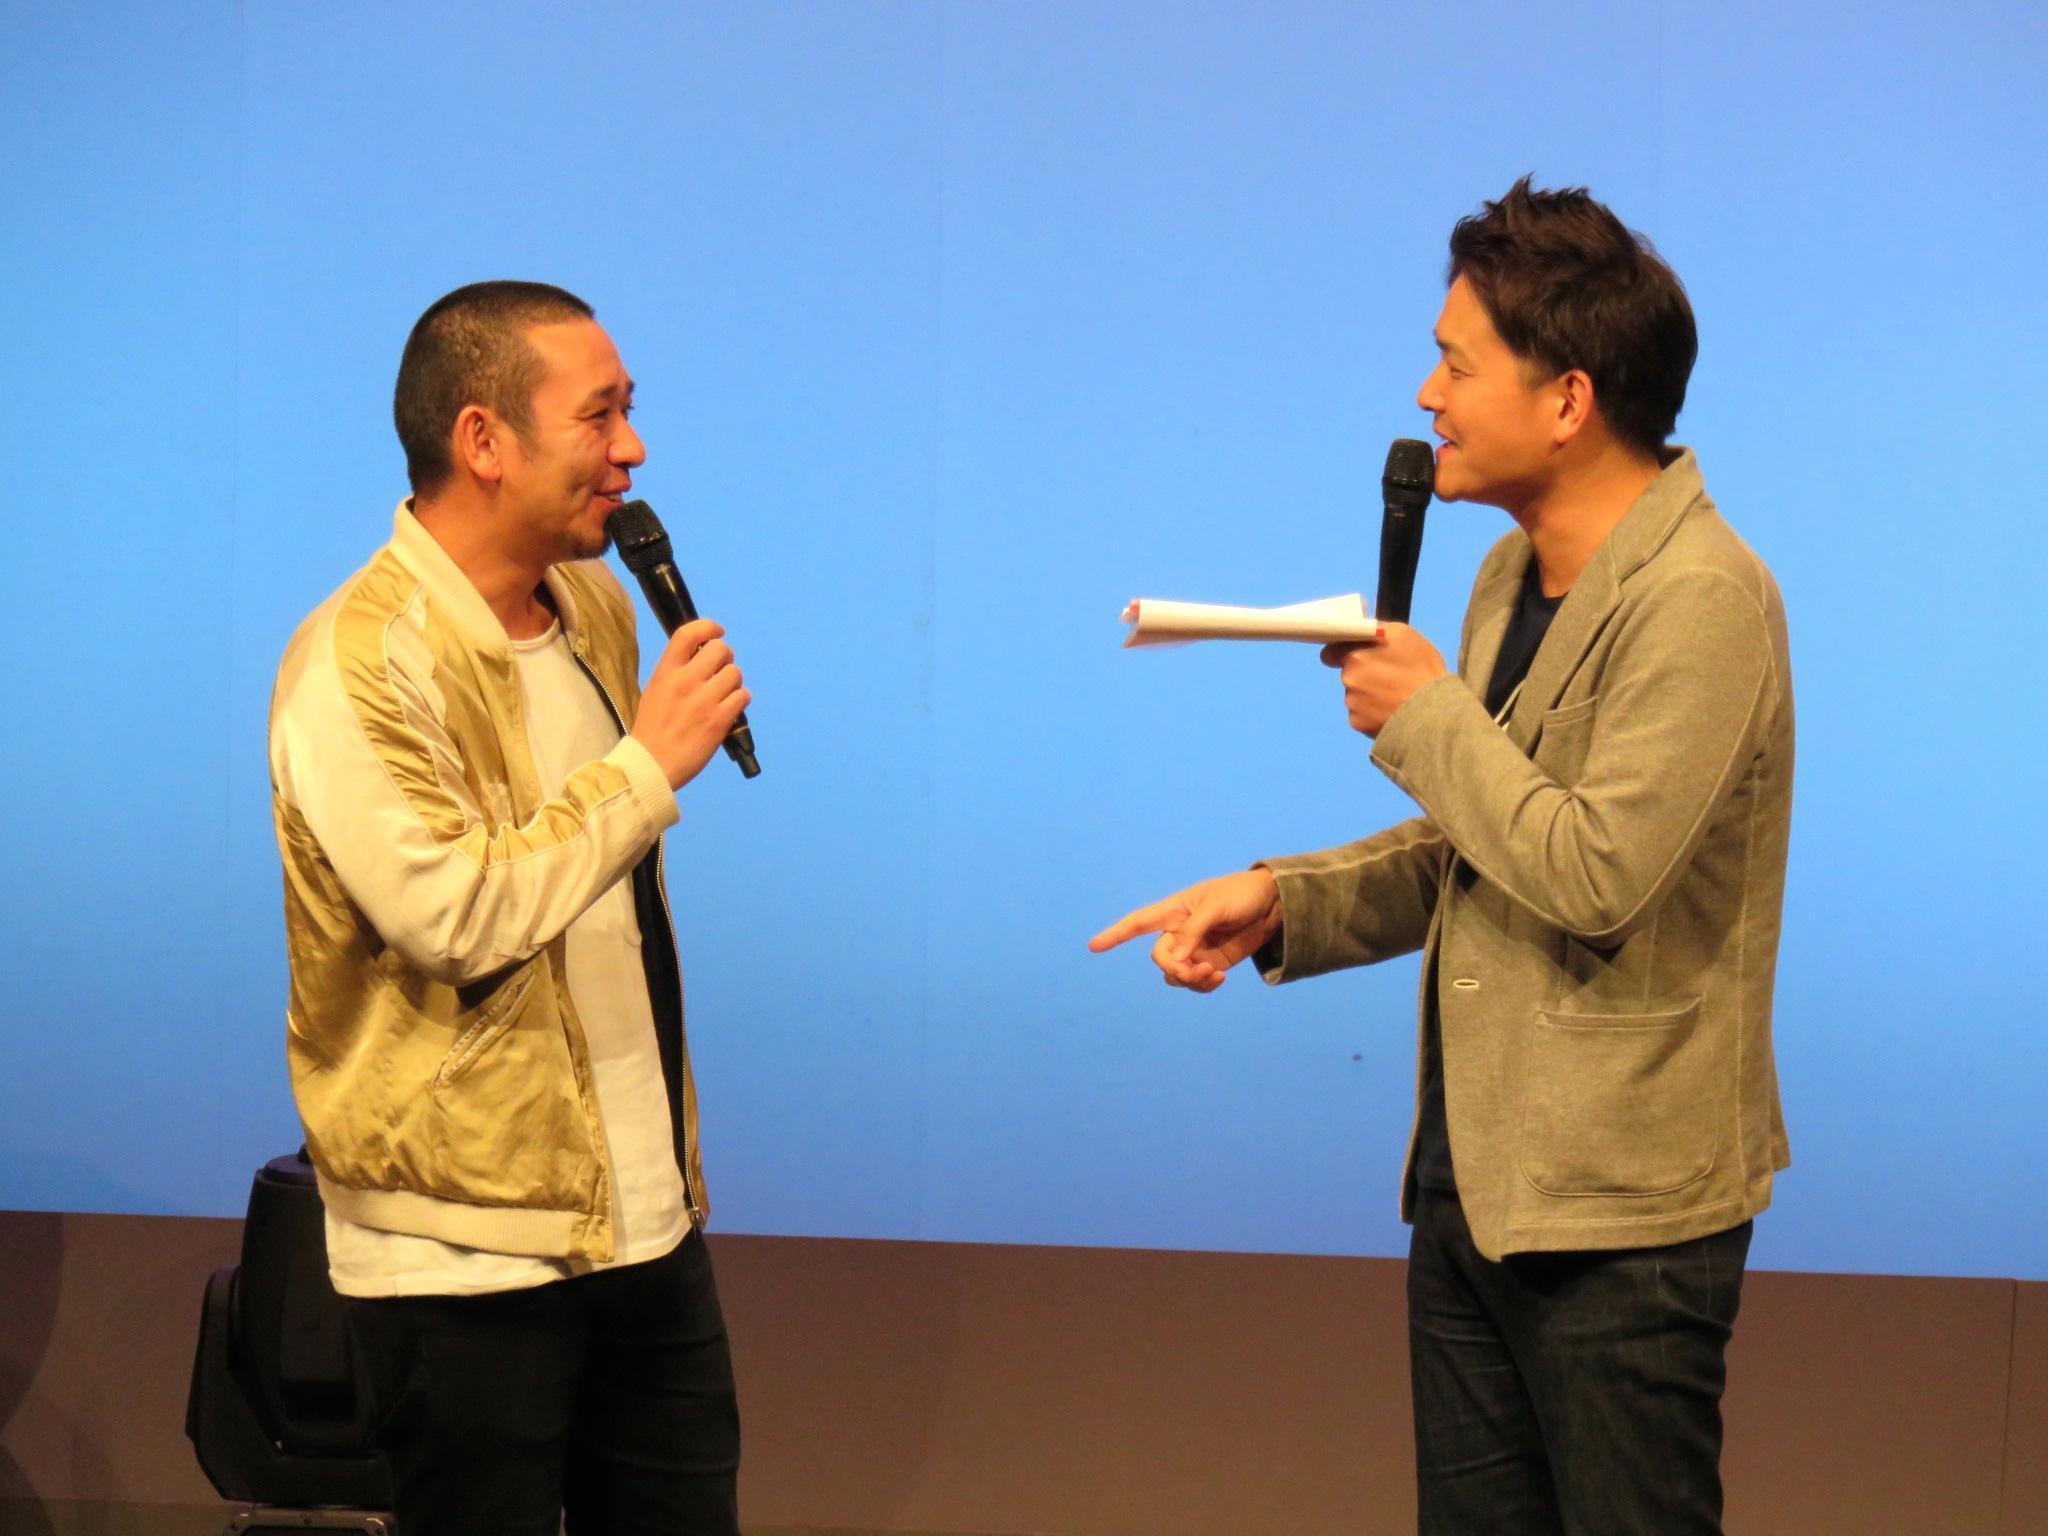 http://news.yoshimoto.co.jp/20170318121224-3e71b2e1e39d9478c35846b7ec0fb6489347e476.jpg